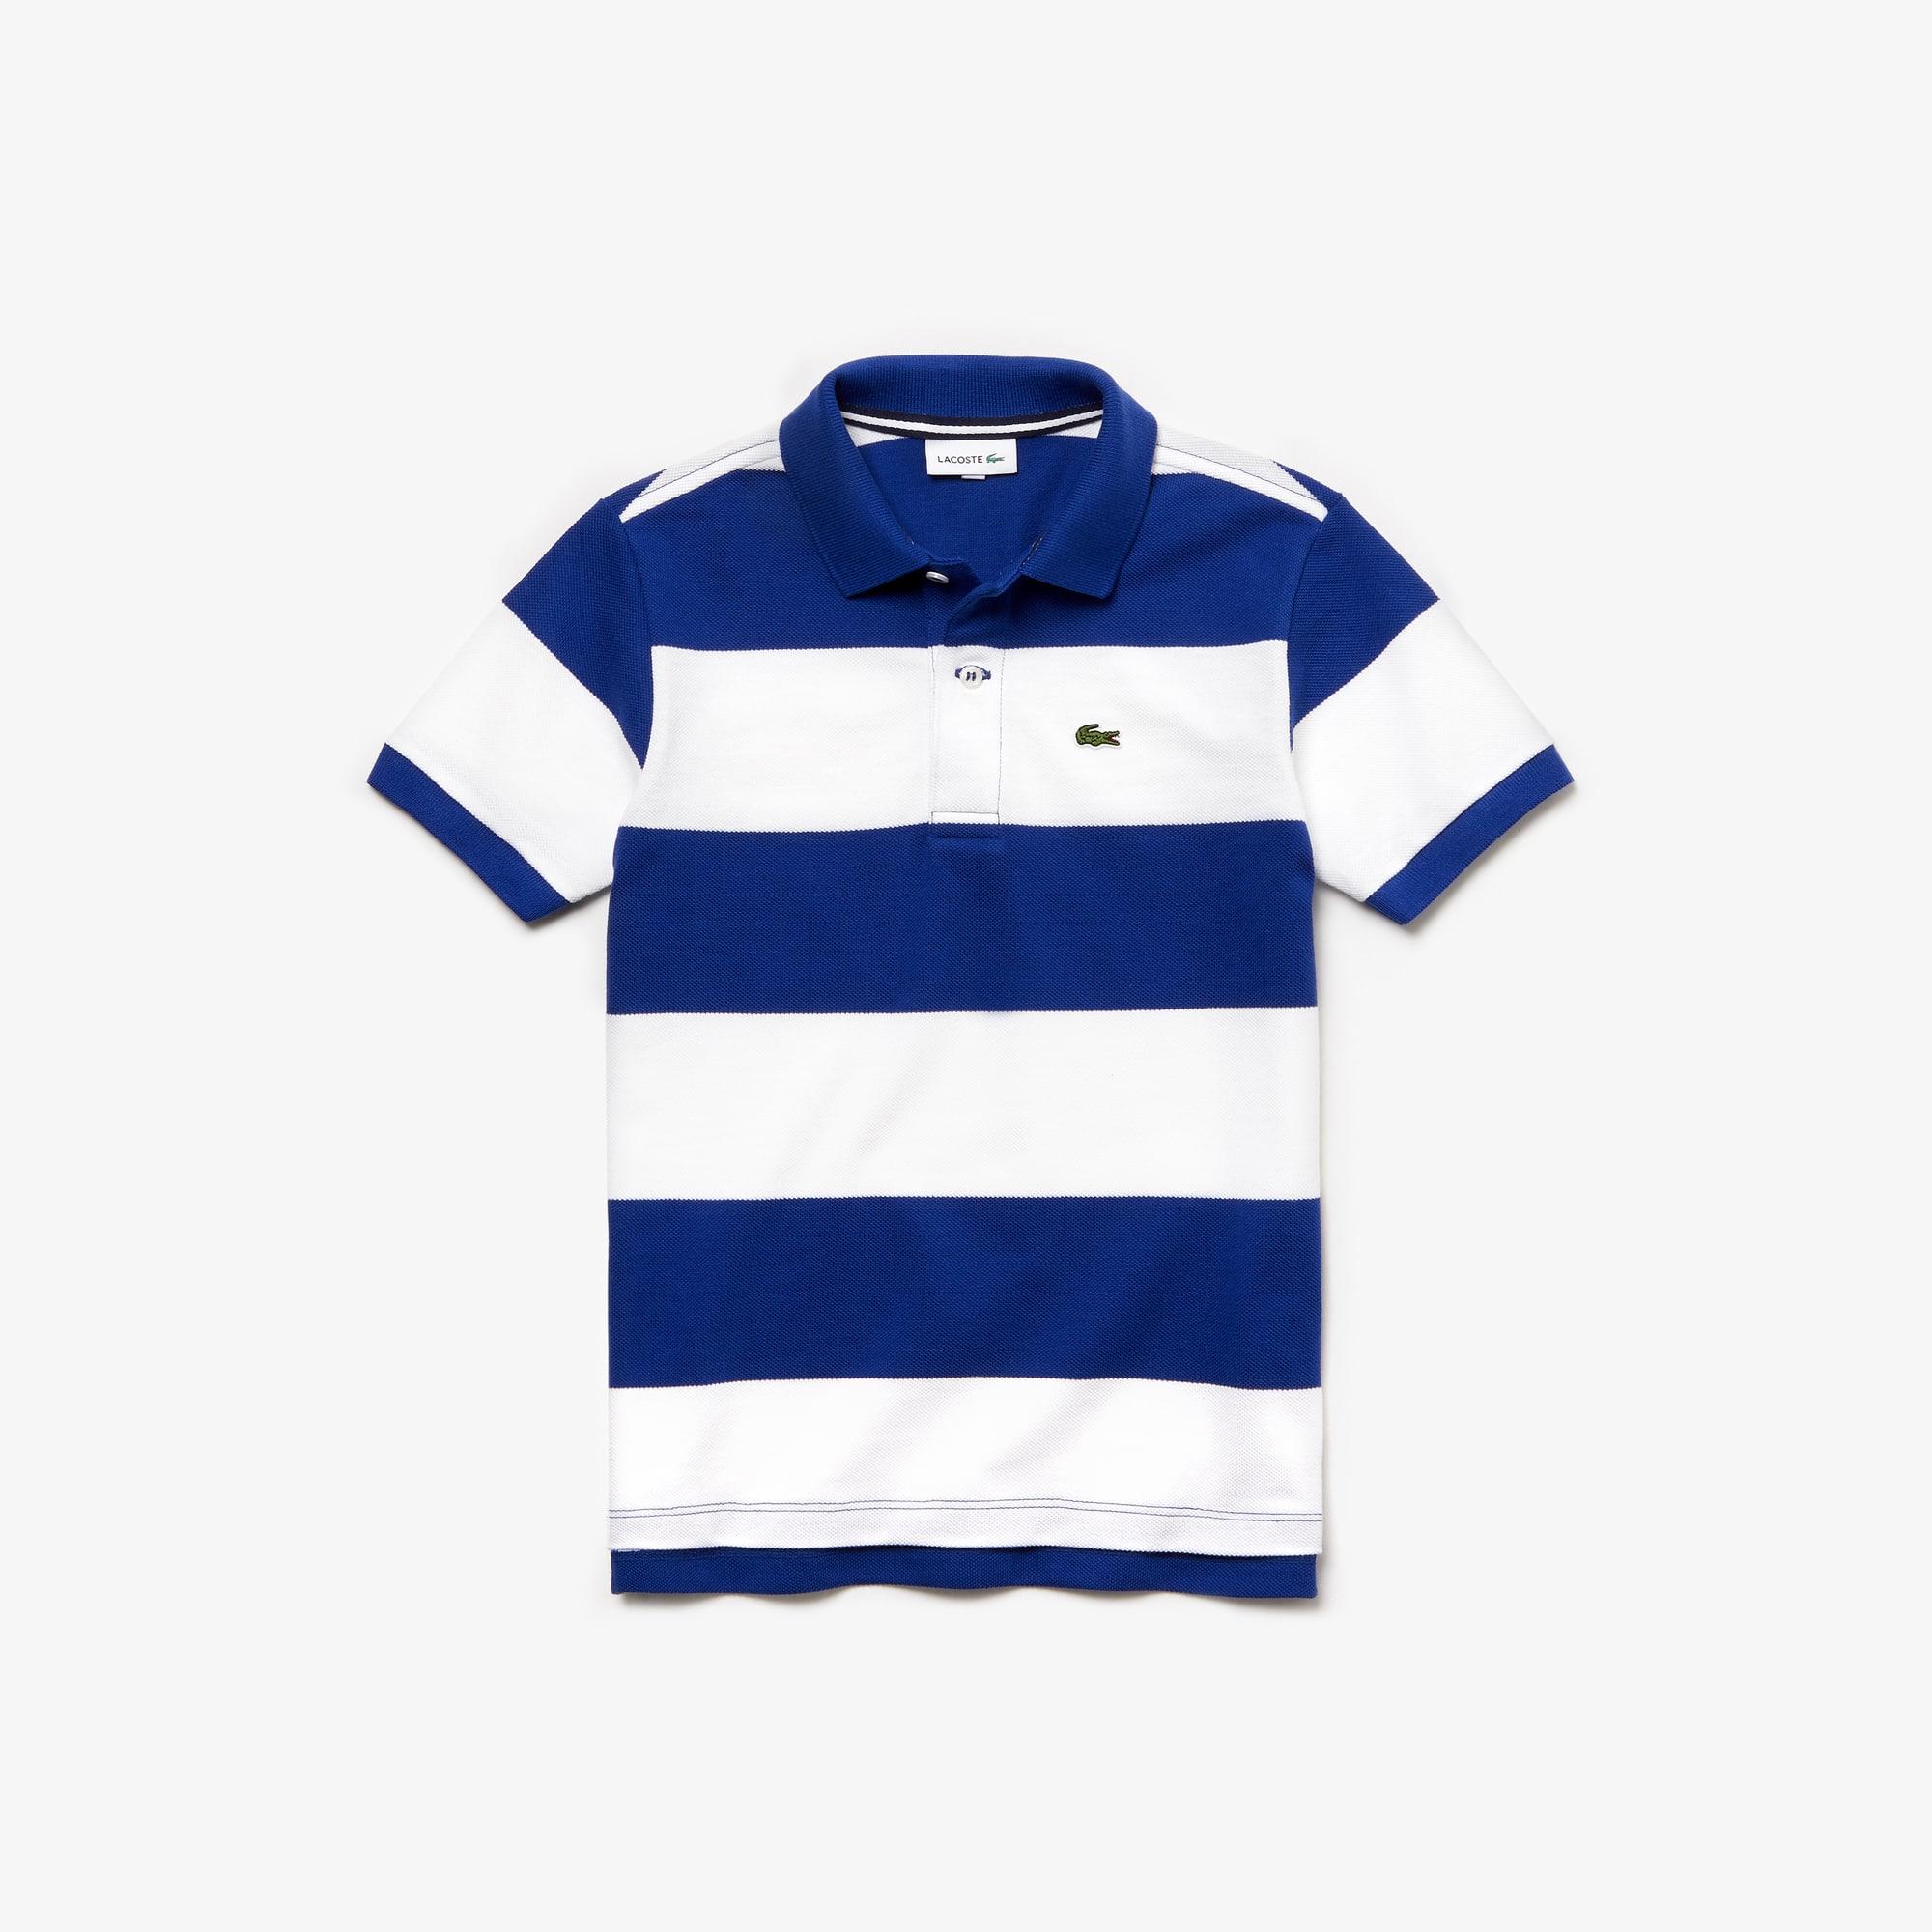 fdcd2a3c7 Boys' Lacoste Striped Cotton Petit Piqué Polo Shirt | LACOSTE